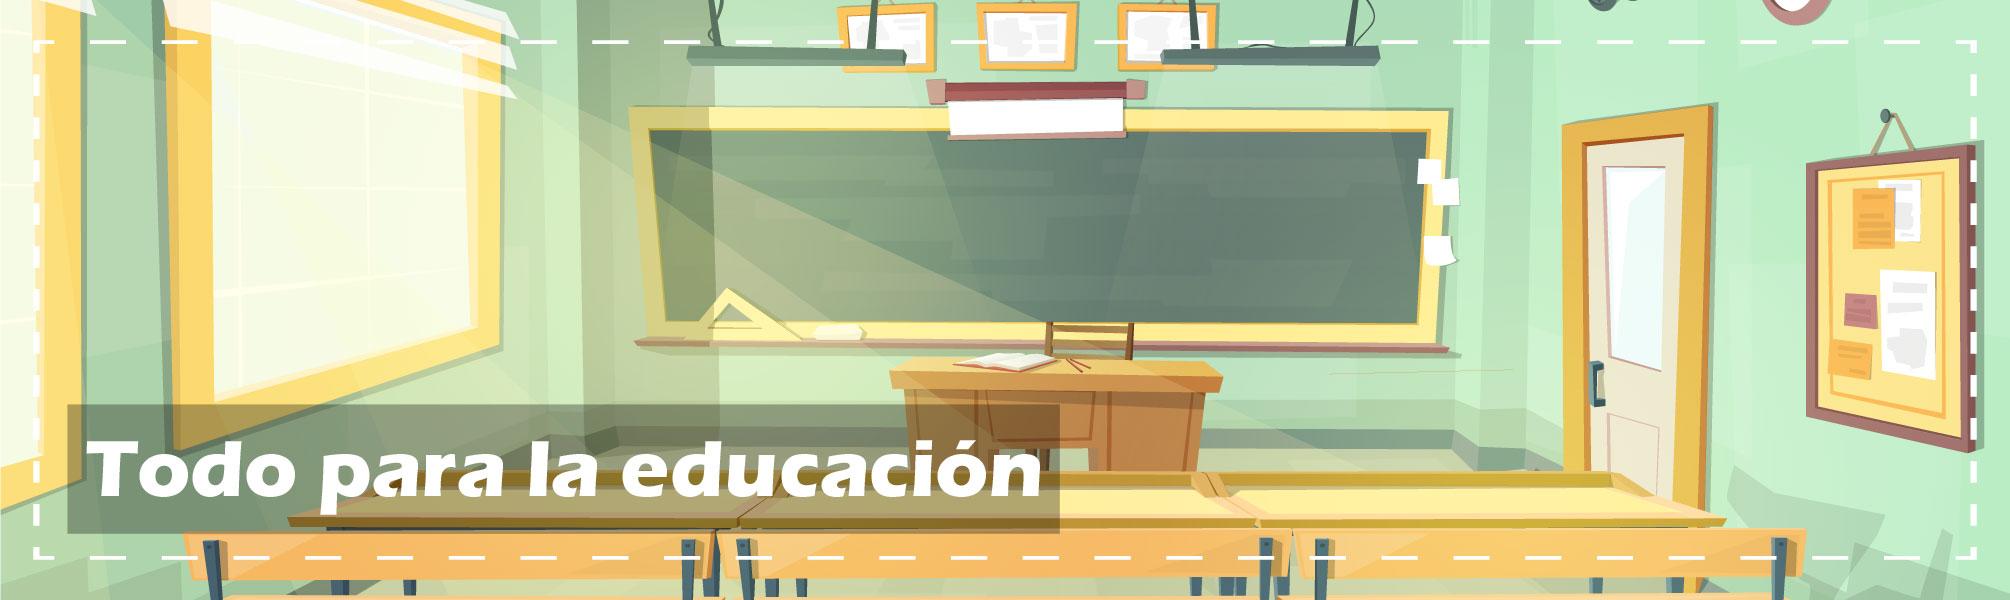 Adrada juegos educativo mobiliario escolar